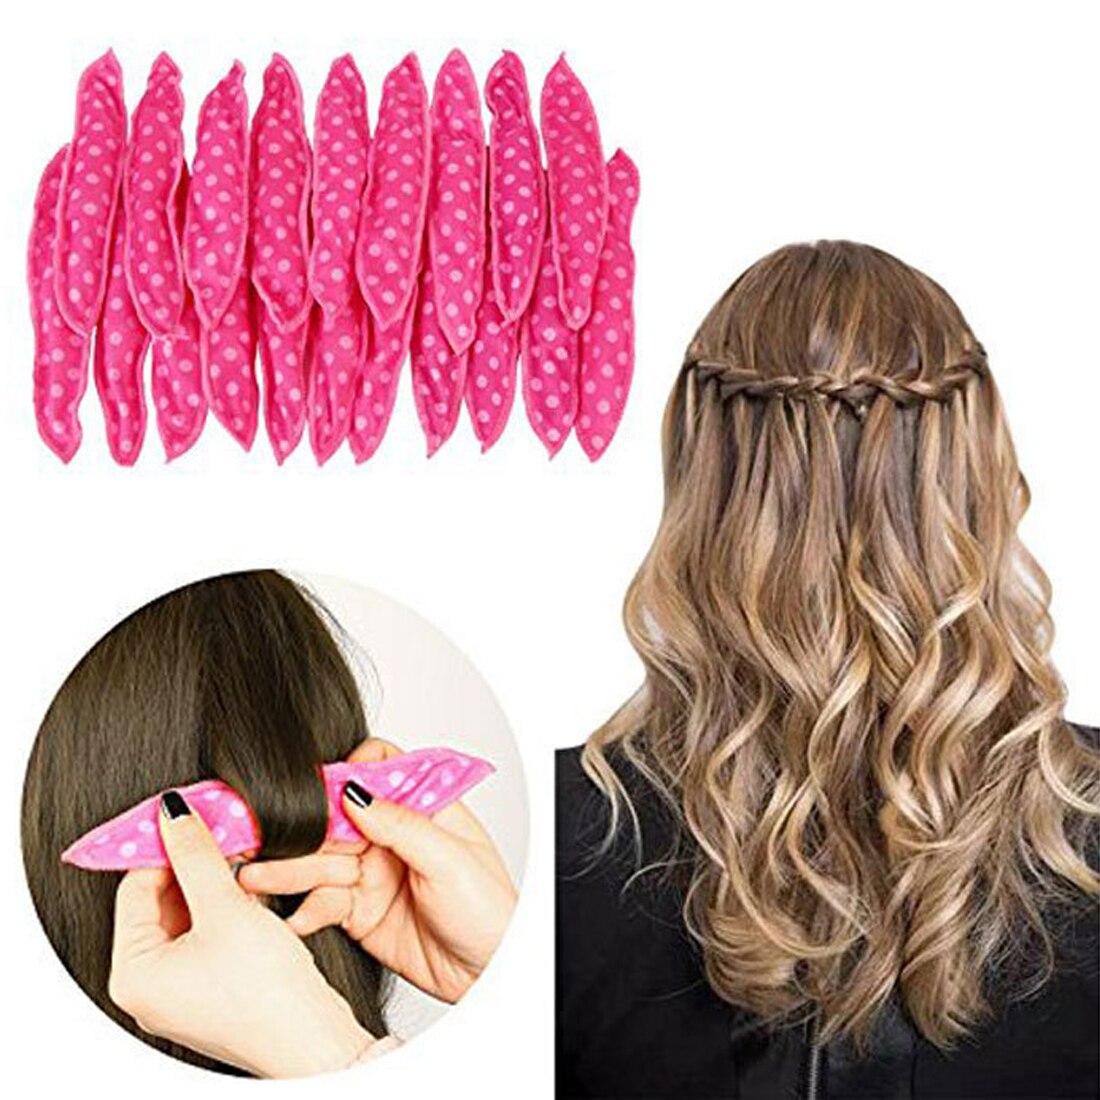 Bonito coelho orelha mágica esponja travesseiro macio rolo de cabelo melhor espuma flexível esponja rolos de cabelo diy estilo rolos de cabelo 6 pçs/set